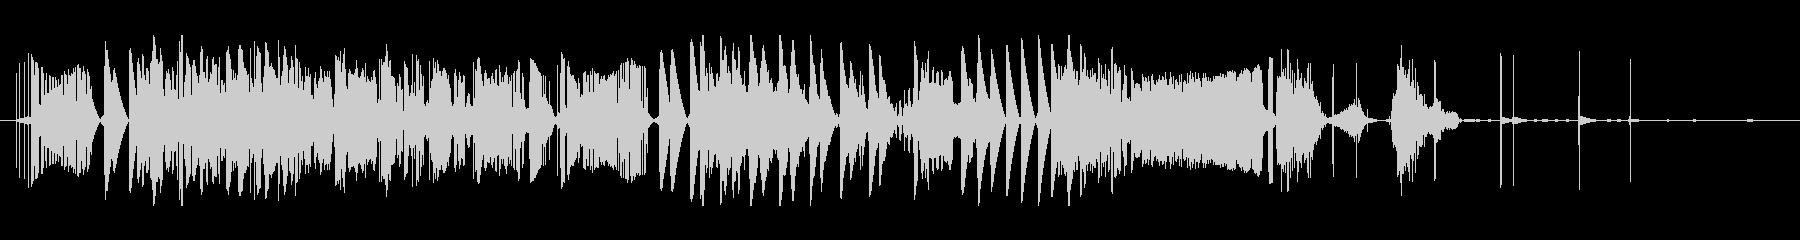 エレクトロザップの未再生の波形